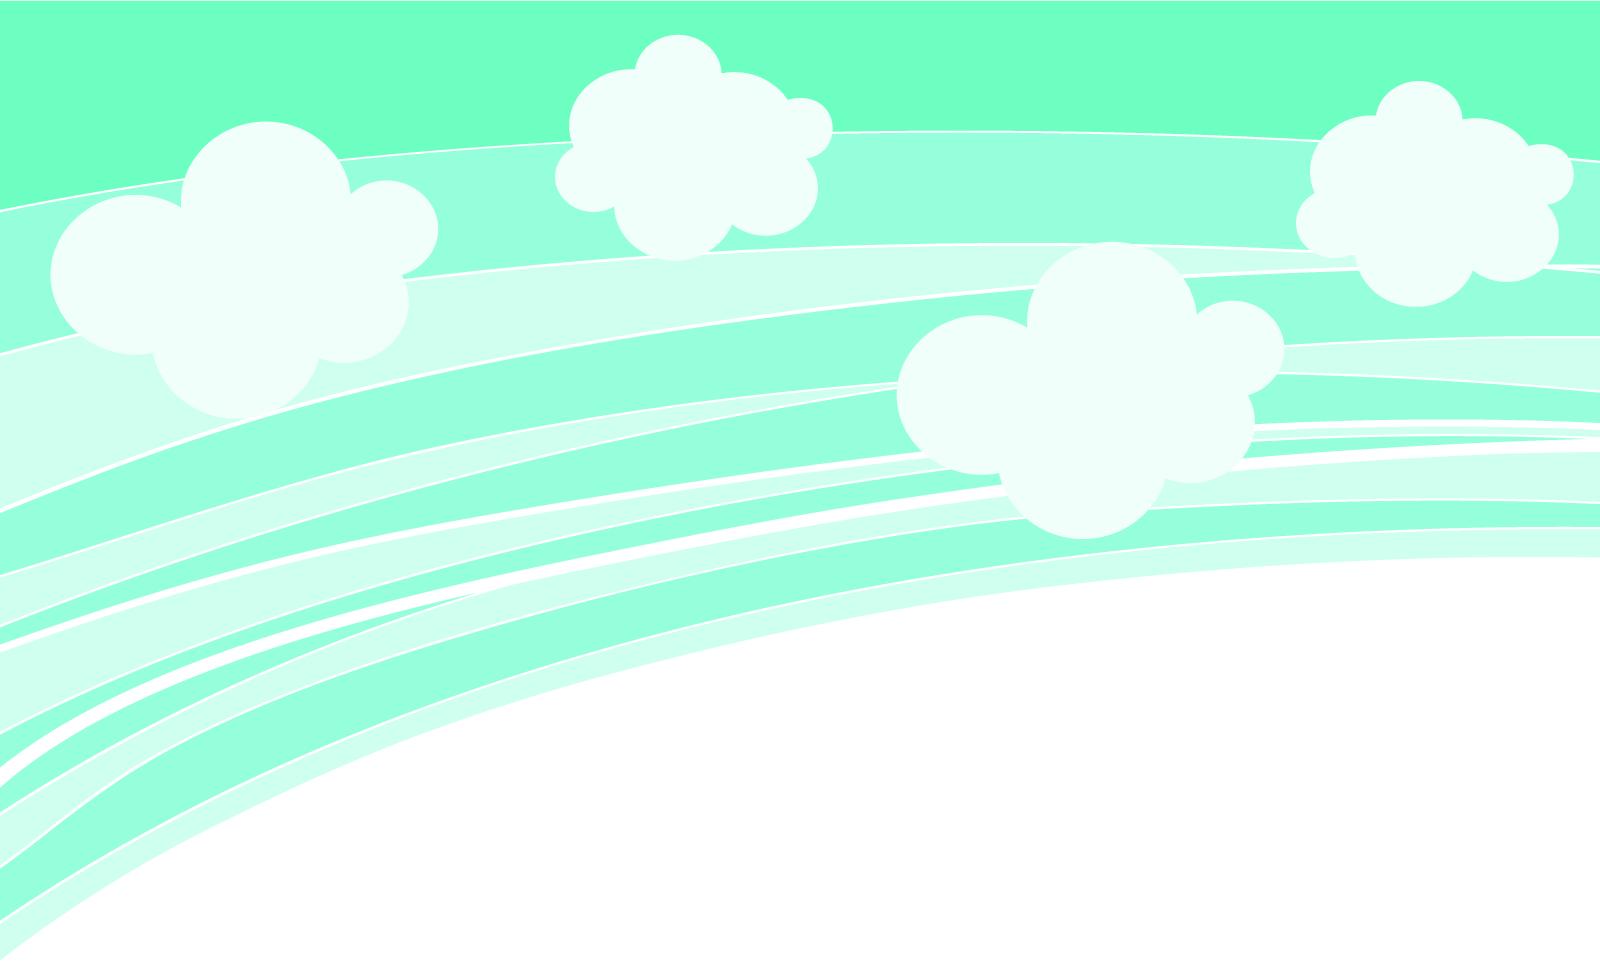 Hình nền Powerpoint mây trời sáng đẹp